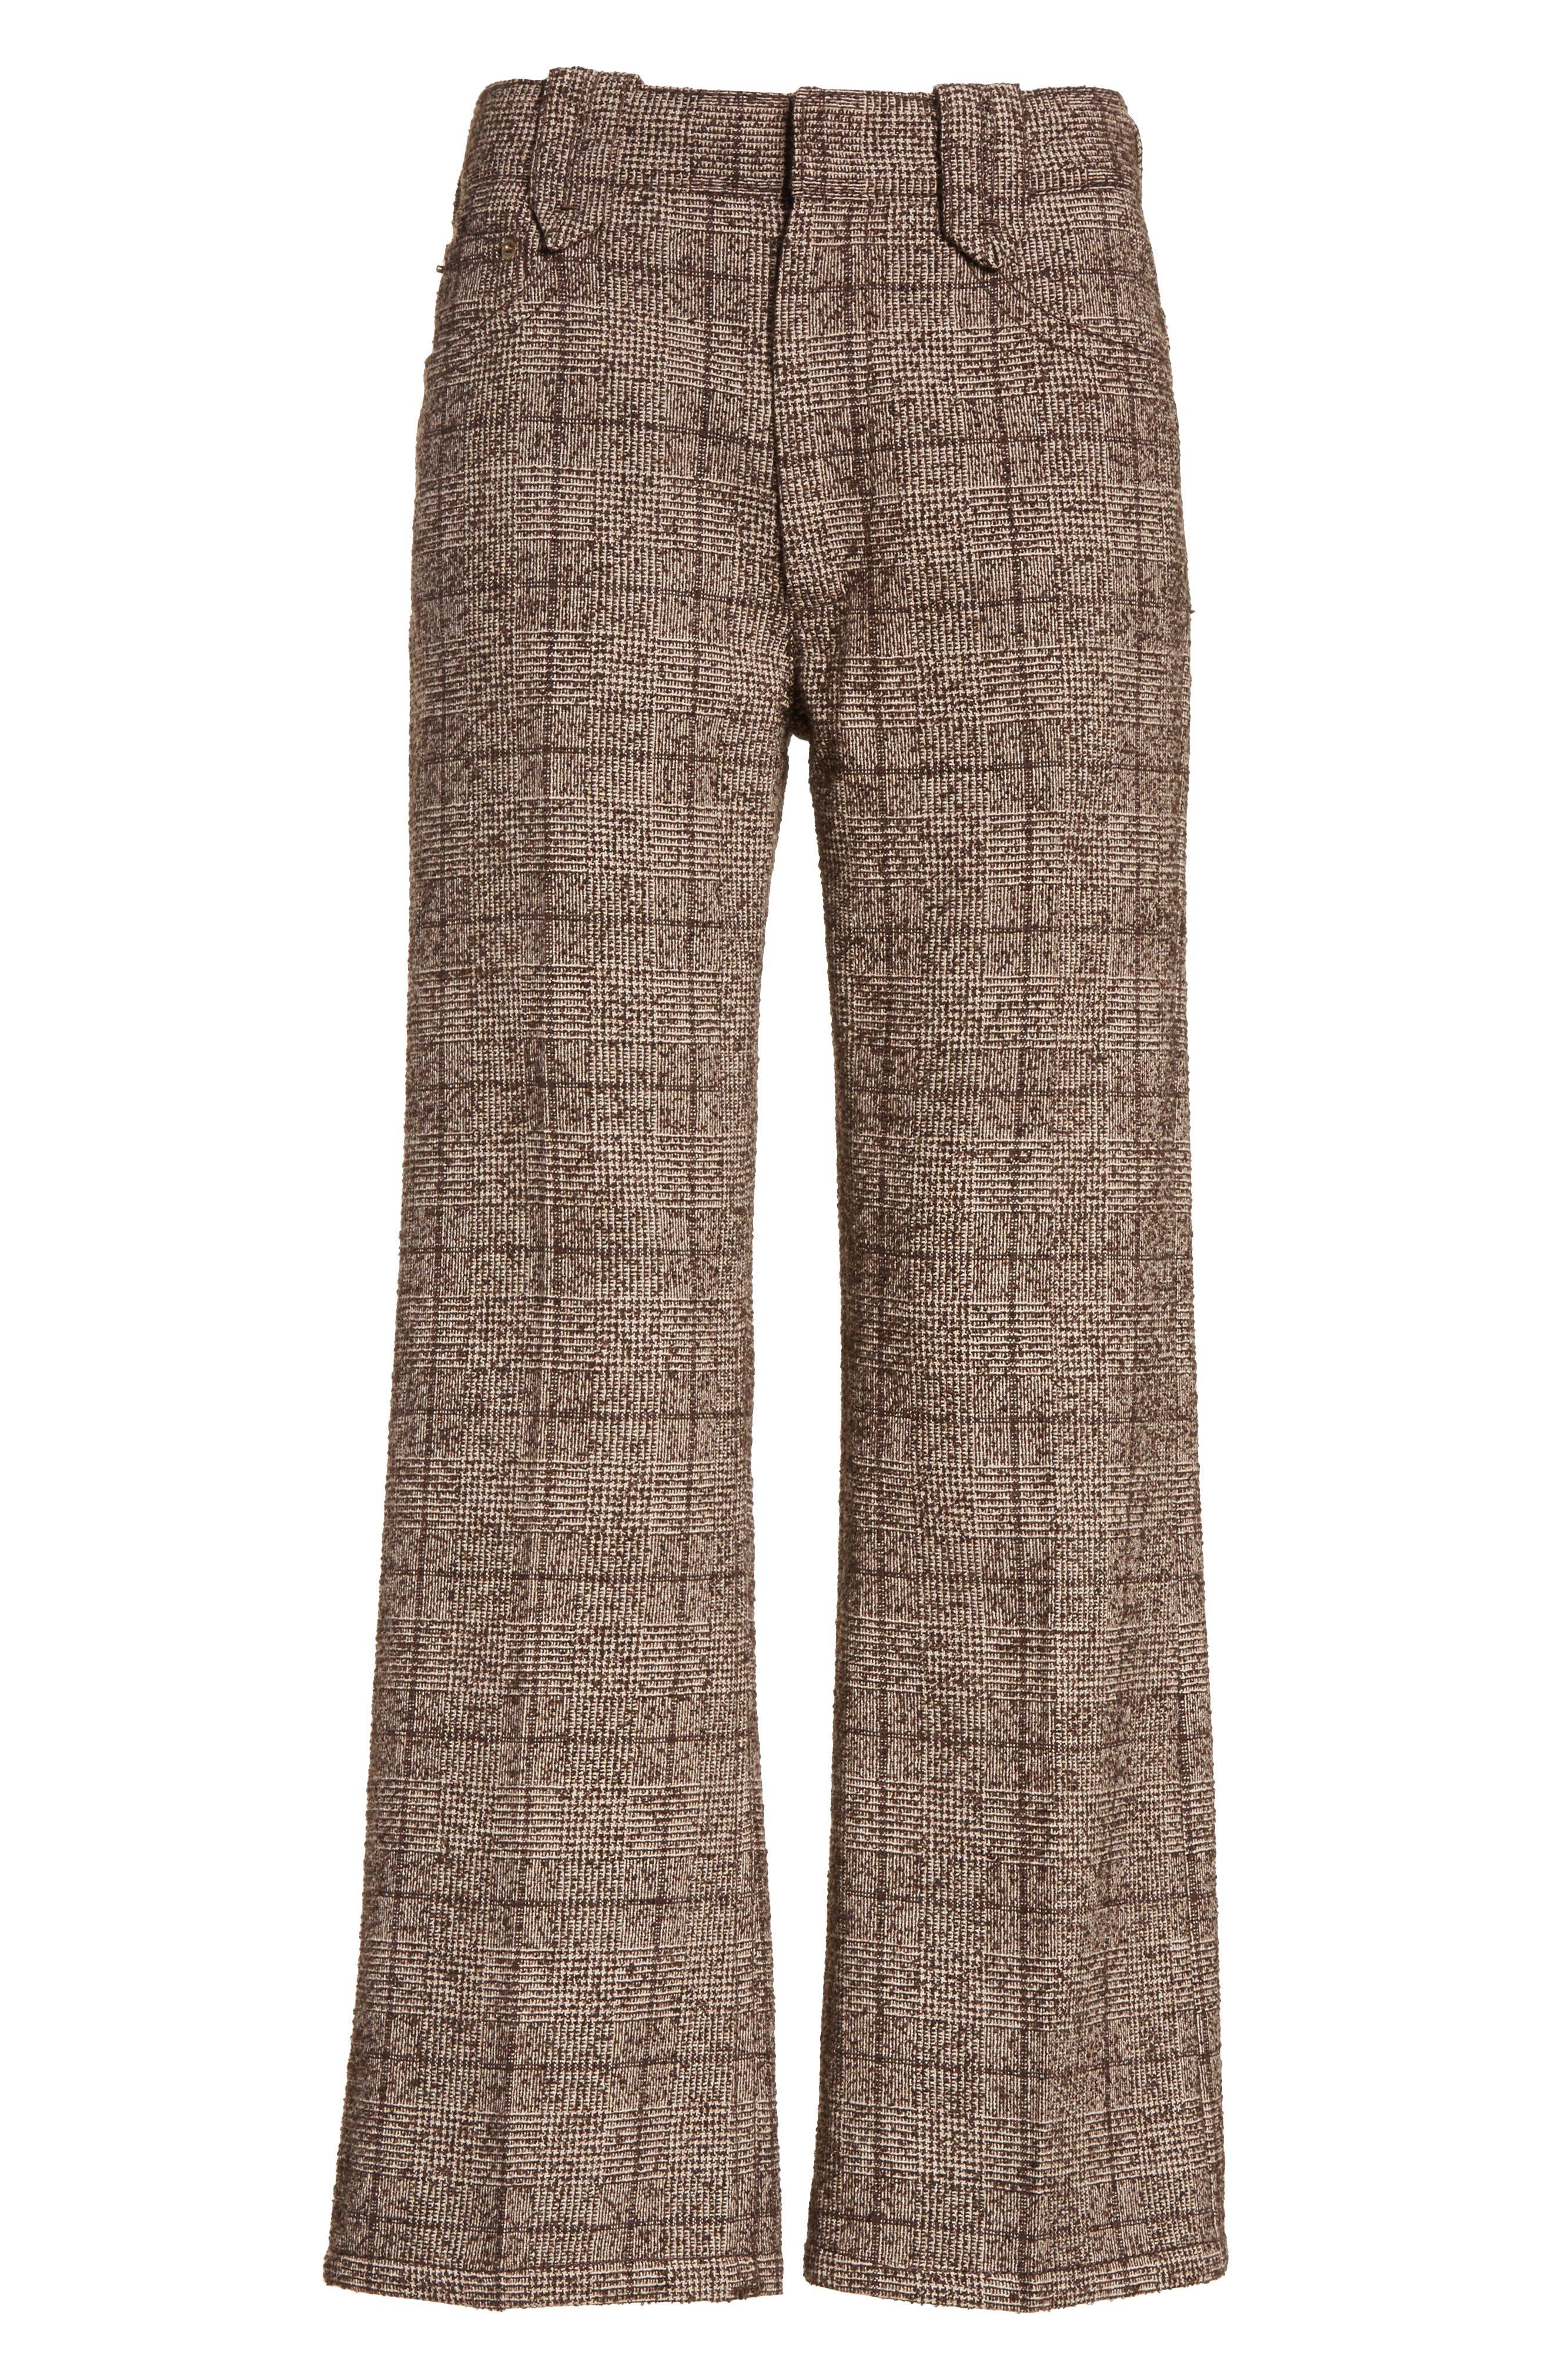 Plaid Tweed Crop Pants,                             Alternate thumbnail 6, color,                             201